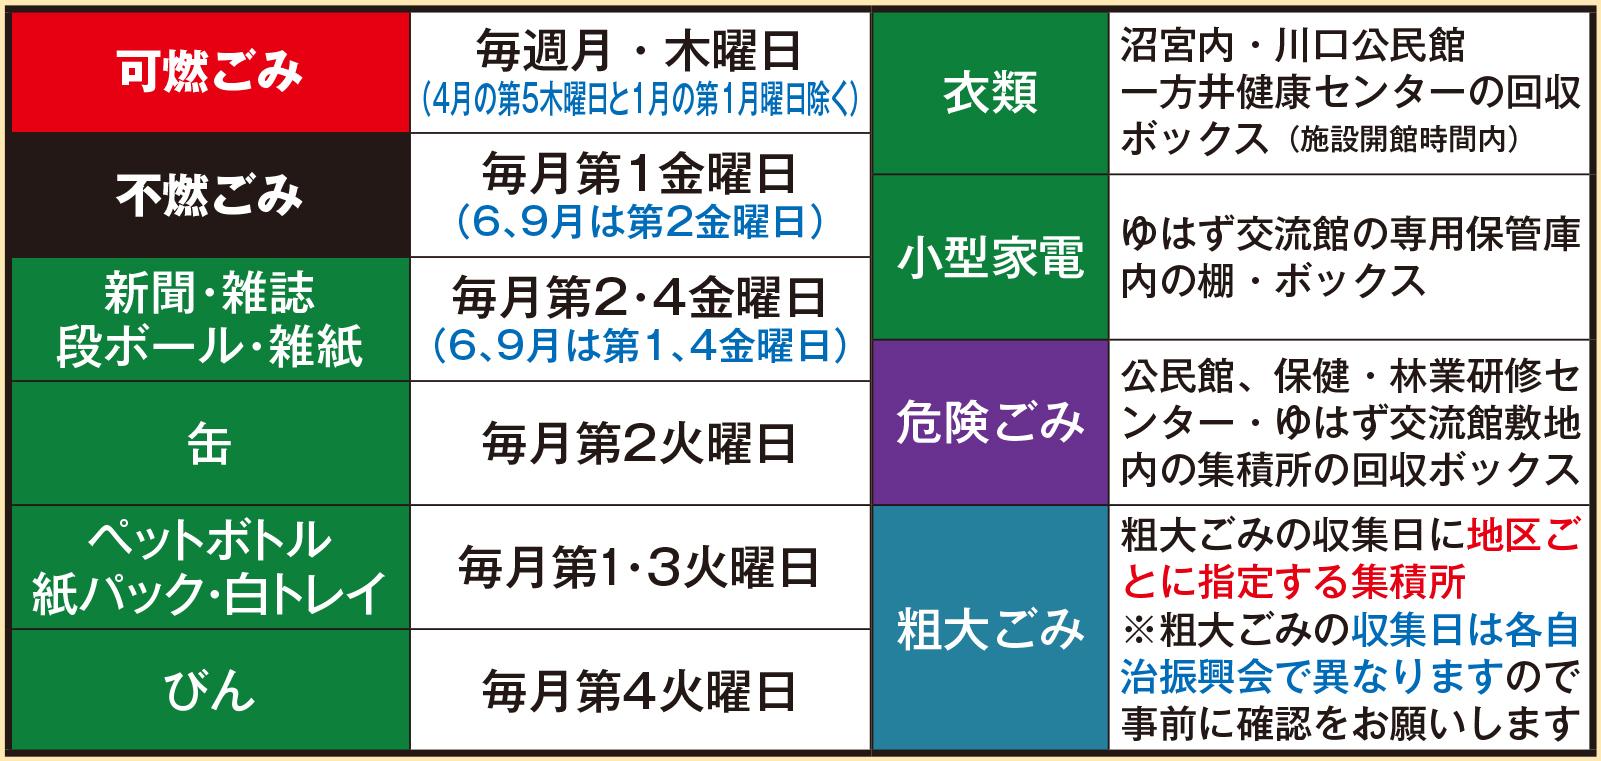 令和3年度ごみカレンダー収集地区1